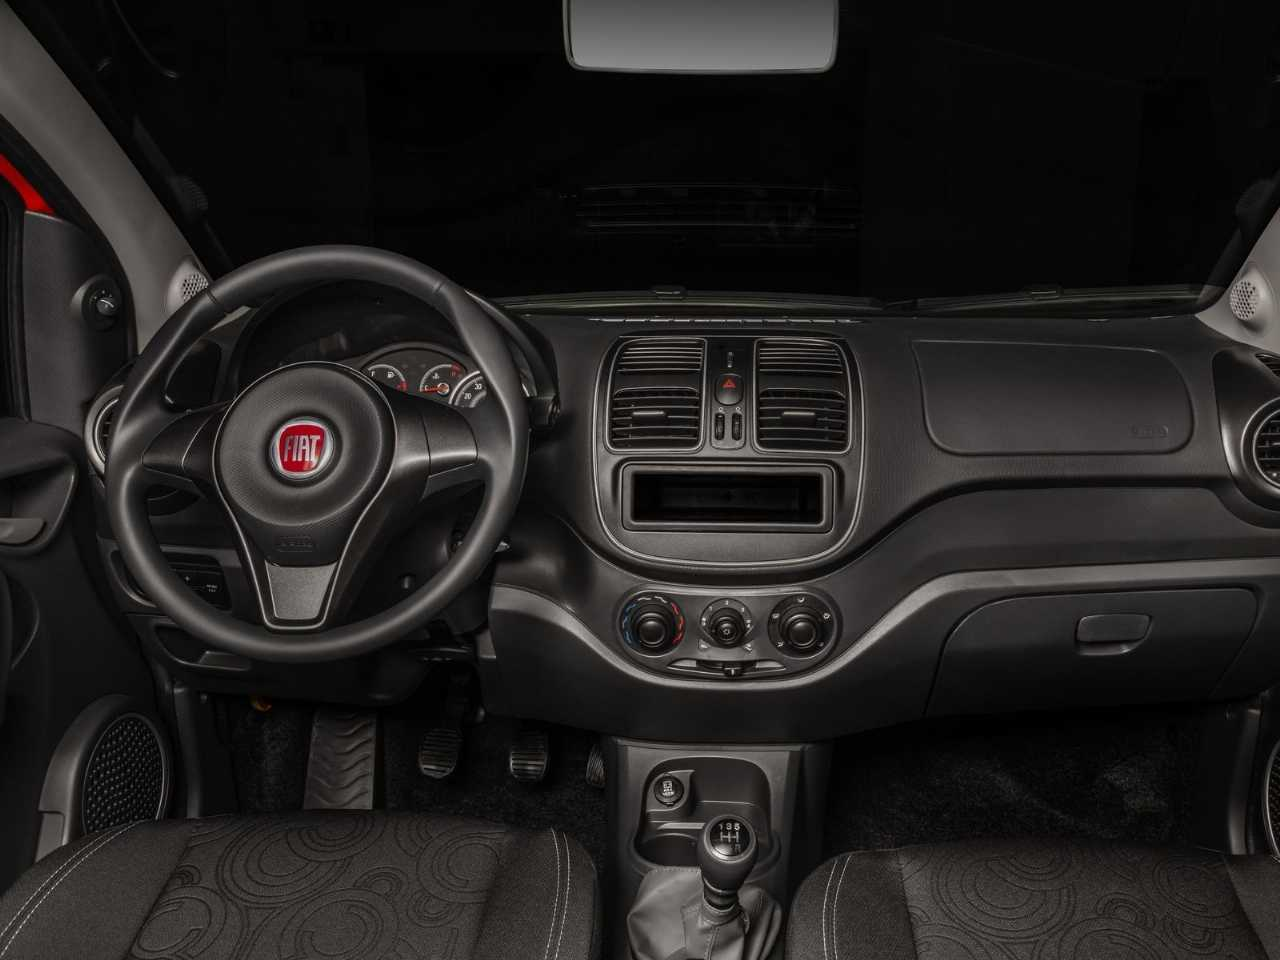 FiatGrand Siena 2020 - ângulo frontal